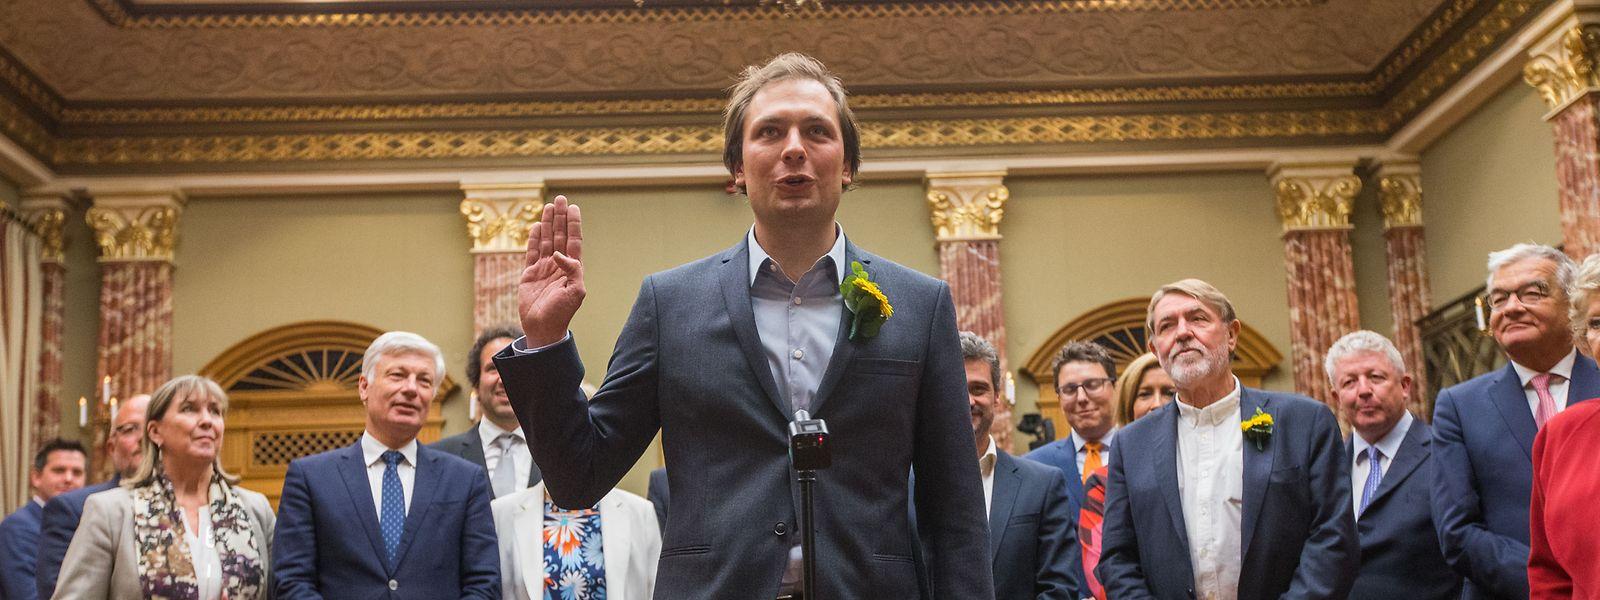 François Benoy lors de sa prestation de serment à la Chambre le 27 novembre 2018. Le jeune député vert a fait une vraie carrière chez les Lëtzebuerger Scouten a Guiden (LGS).